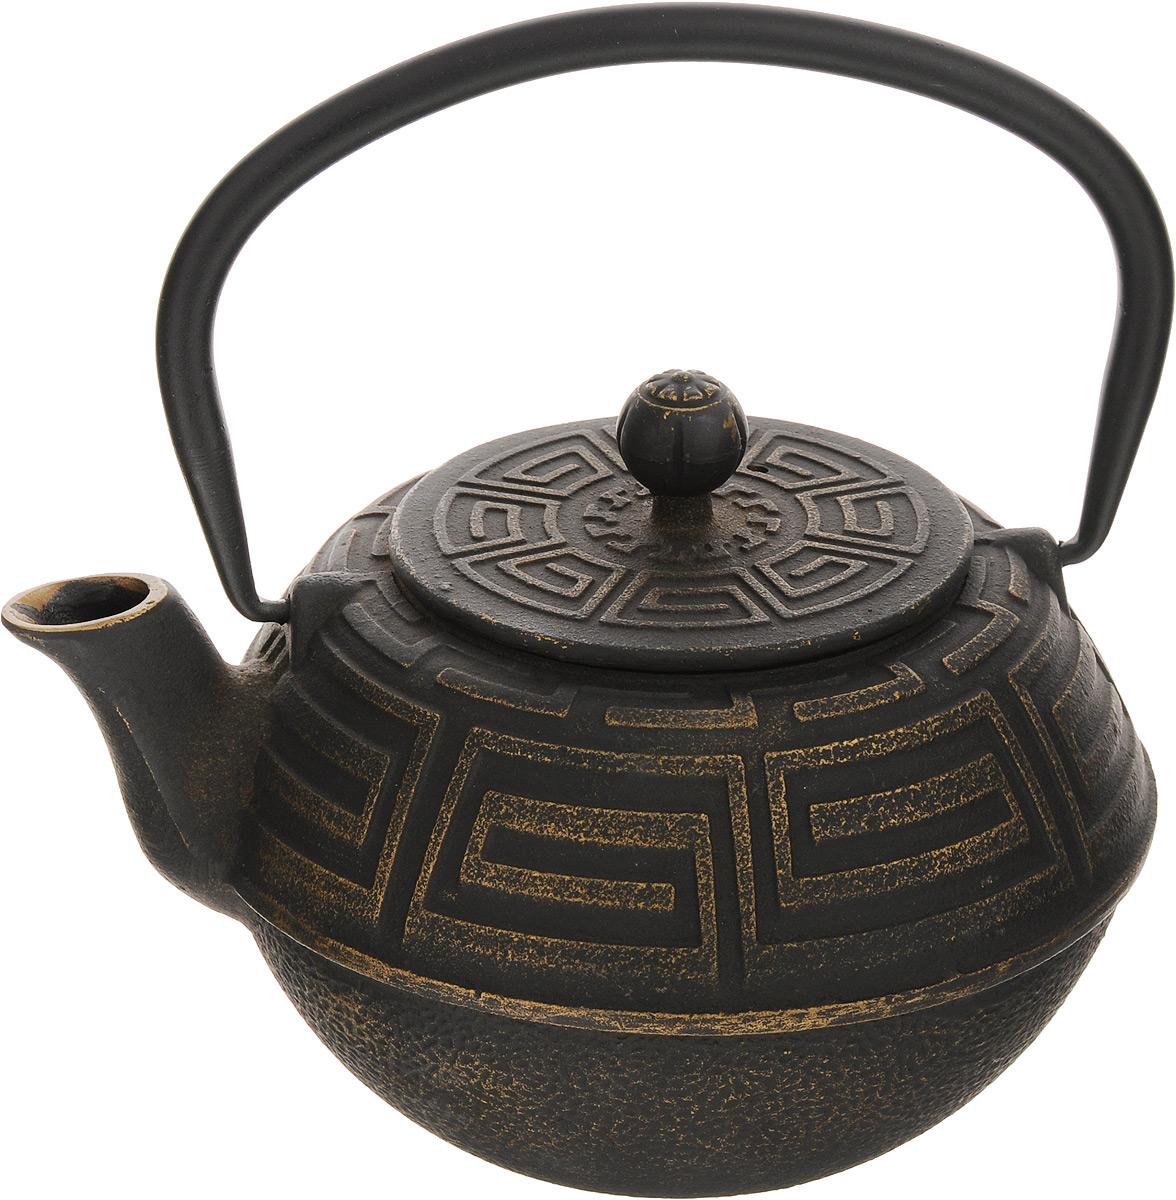 Чайник заварочный Mayer & Boch, чугунный, с фильтром, 1,5 л23696Заварочный чайник Mayer & Boch изготовлен из чугуна высокого качества. Внешние стенки изделия оформлены изысканным рельефом.Чугунный чайник дольше других удерживает тепло. Вода в нем будет оставаться горячей и пригодной для заваривания чая в течение часа.Кремнийорганический термостойкий лак предотвращает появление ржавчины. Чайник оснащен чугунной подвижной ручкой и съемным фильтром из нержавеющей стали, который задерживает заварку и предотвращает ее попадание в чашку. Заварочный чайник Mayer & Boch украсит любую чайную церемонию, а также станет прекрасным подарком на любое торжество. Диаметр чайника (по верхнему краю): 9 см. Высота чайника (без учета крышки и ручки): 9,5 см. Высота чайника (с учетом ручки): 18 см. Диаметр фильтра (по верхнему краю): 8,7 см.Высота фильтра: 6 см.